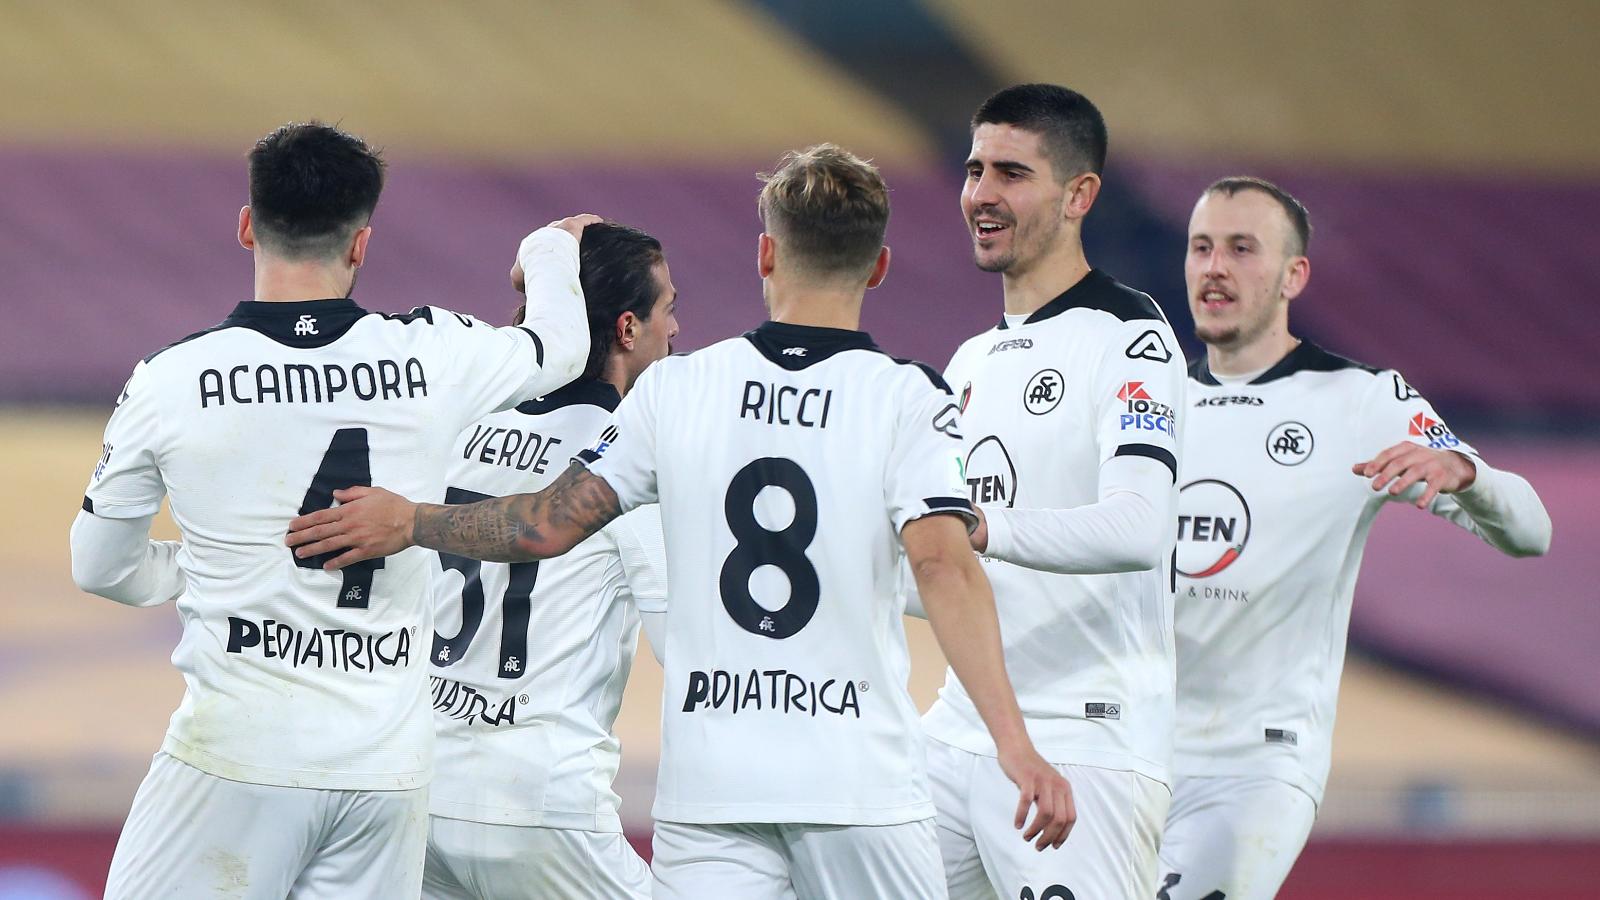 El resumen del Roma vs. Spezia de la Coppa Italia 2020-2021: vídeo, goles y  estadísticas | Goal.com